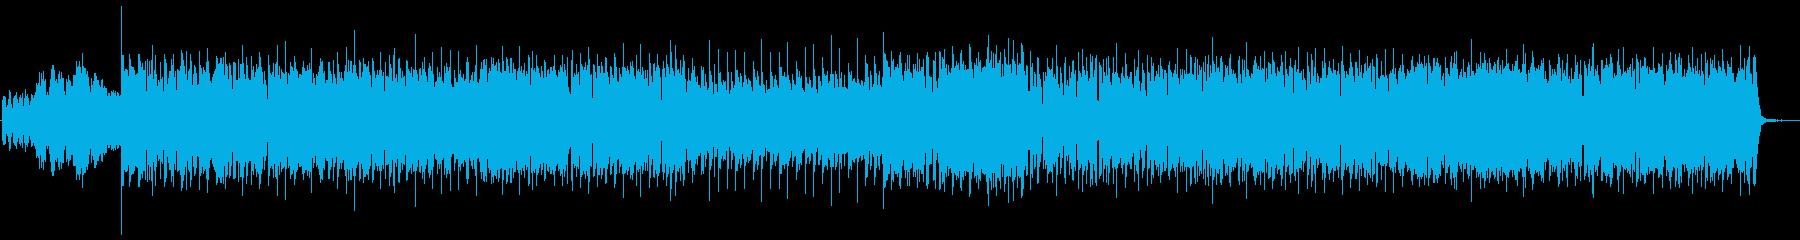 疾走感のあるインストハウスの再生済みの波形